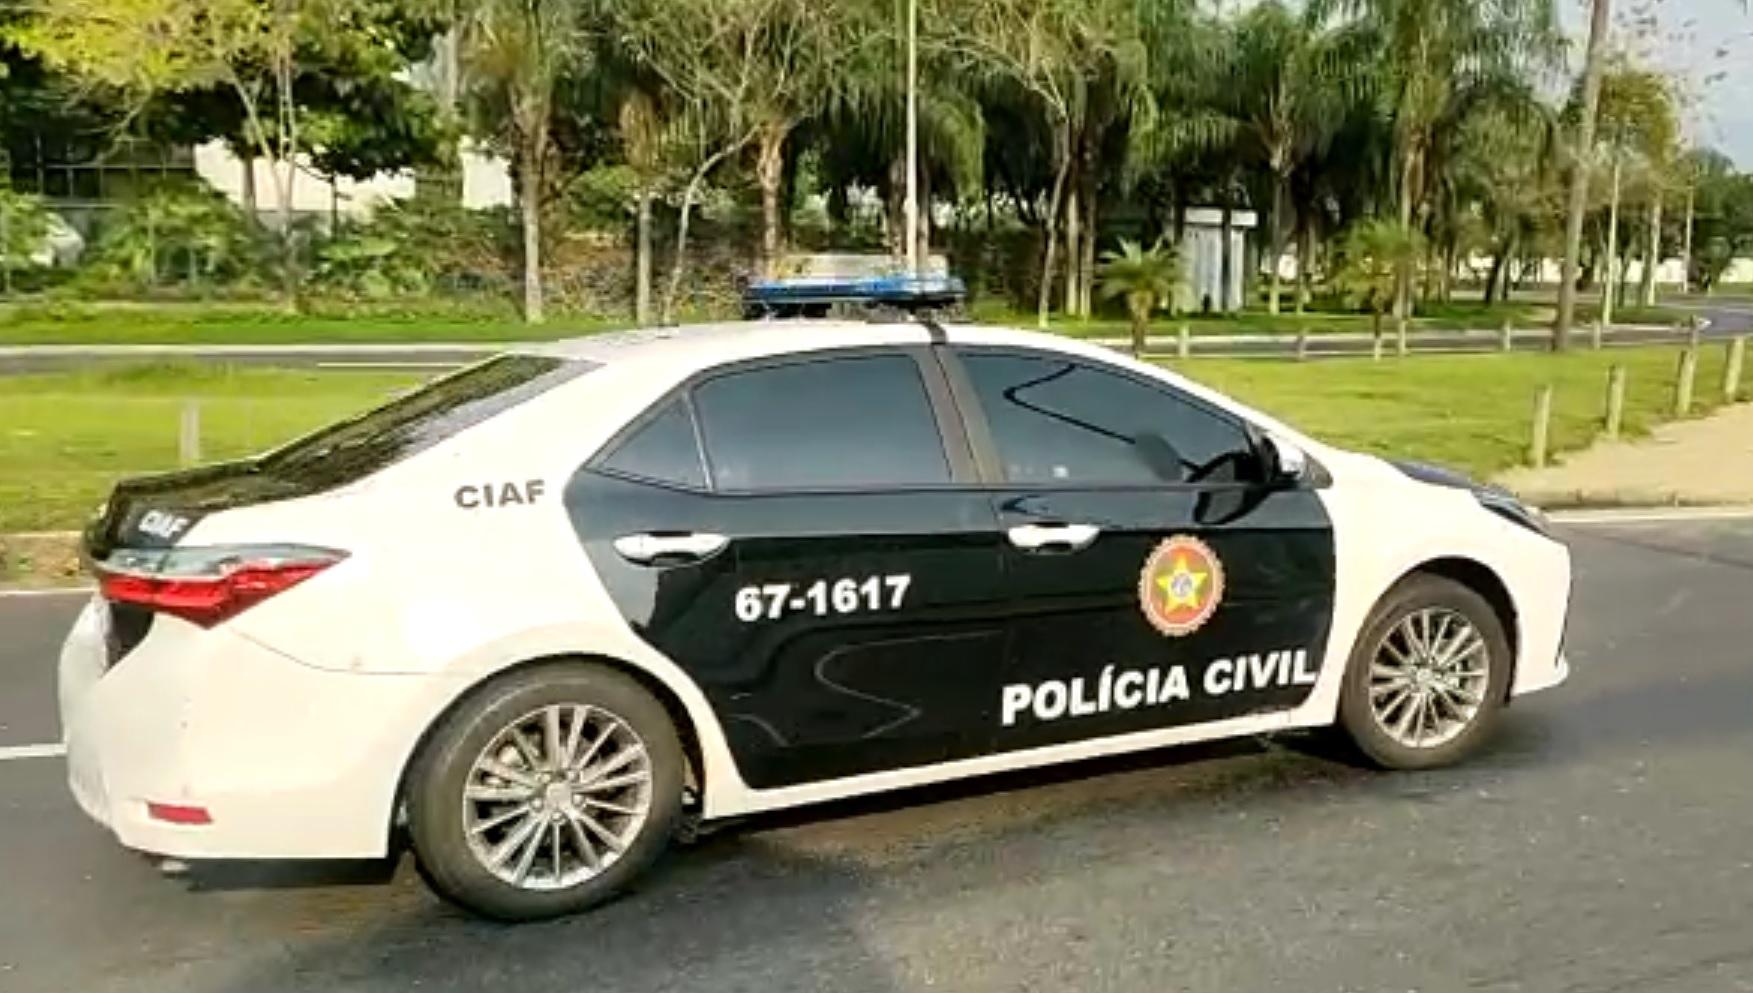 Policiais cumprem mandados de busca e apreensão no RJ